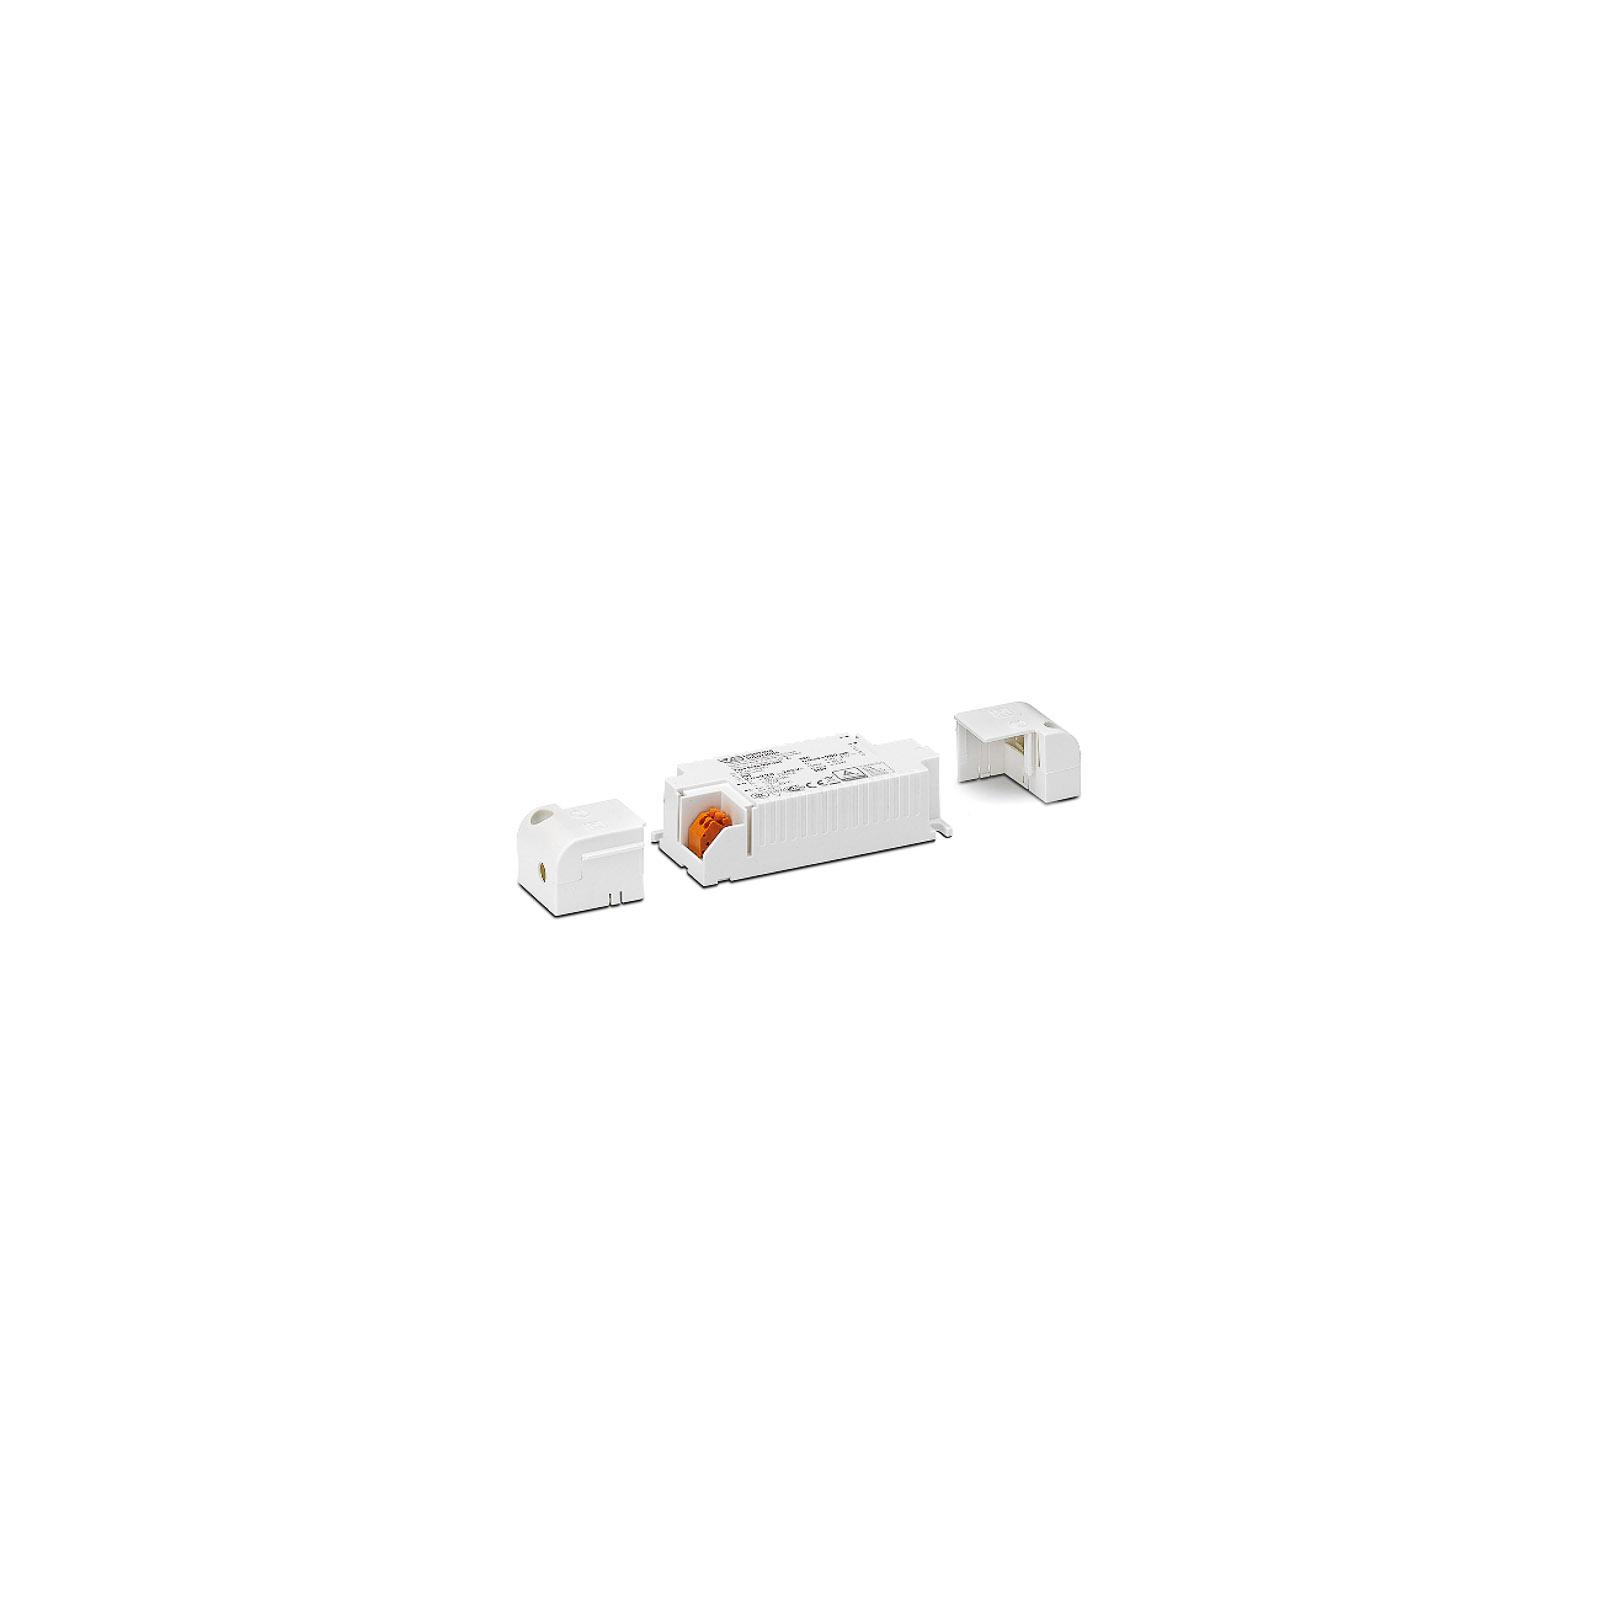 LED-driver maks. 28 W, 30-40 V DC, 700 mA